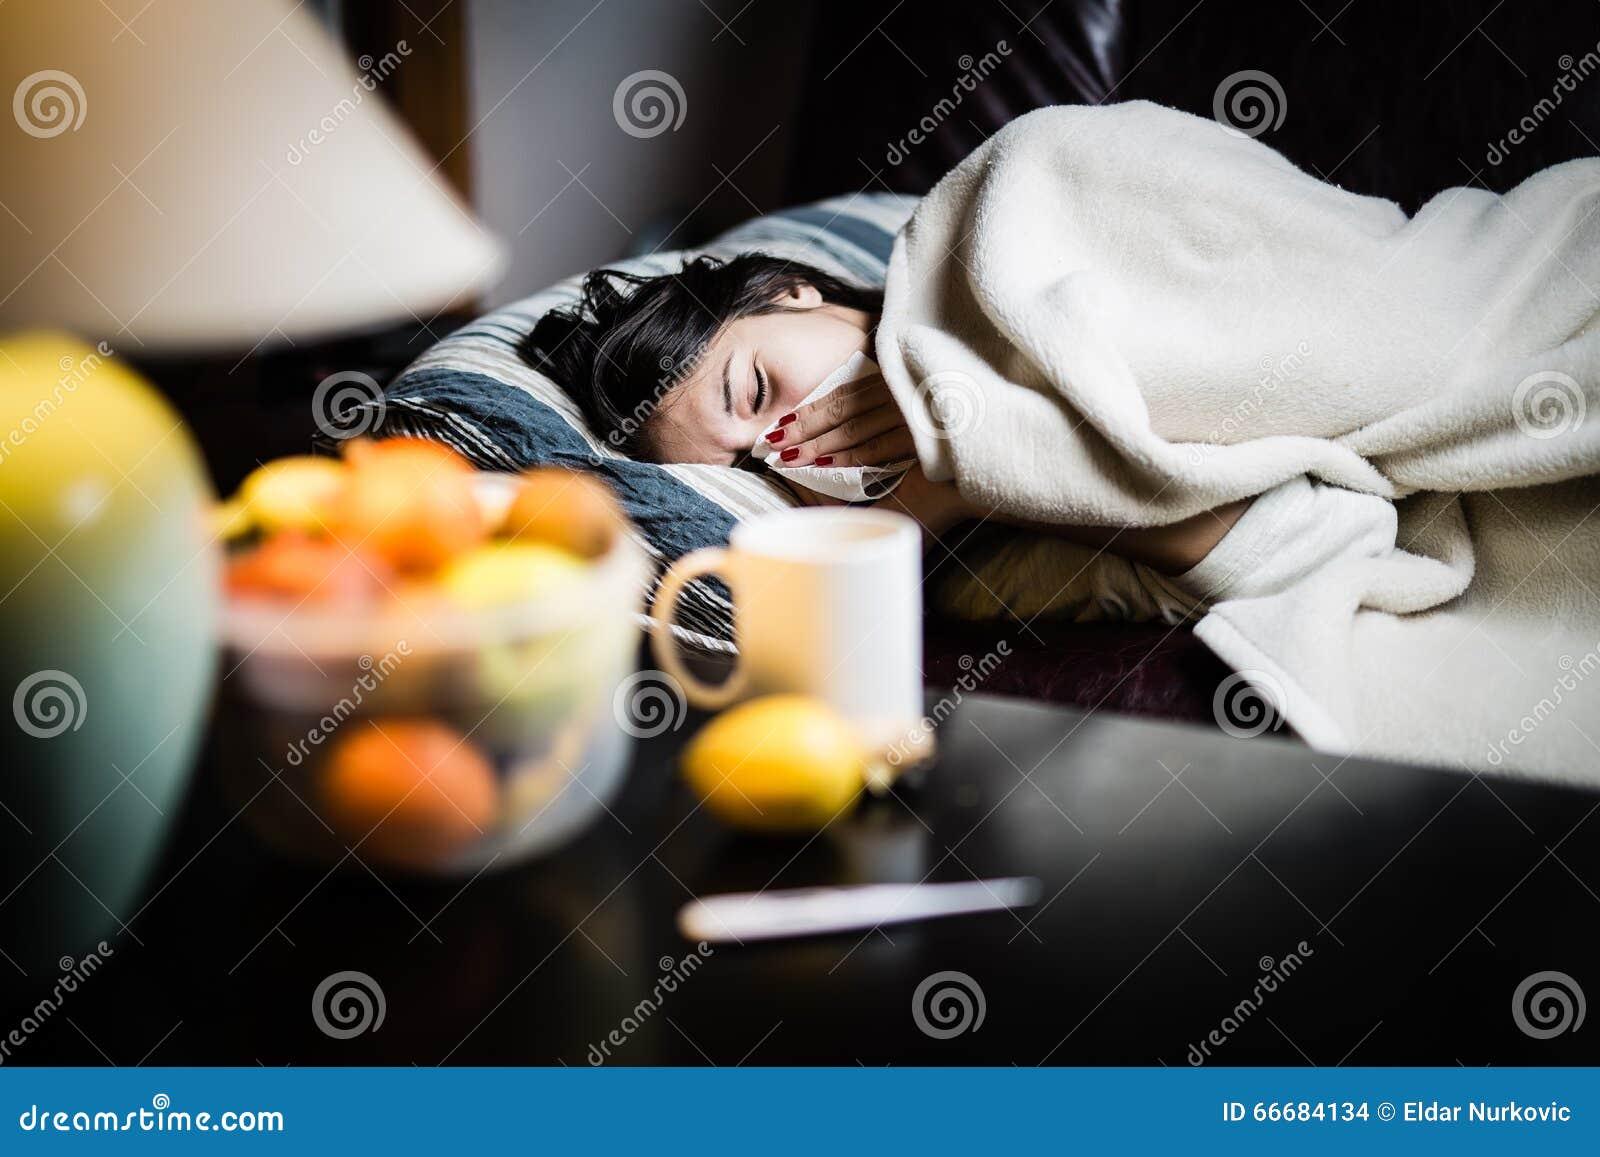 Sjuk kvinna i säng som kallar i sjukt, fridag från arbete Termometer som kontrollerar temperaturen för feber